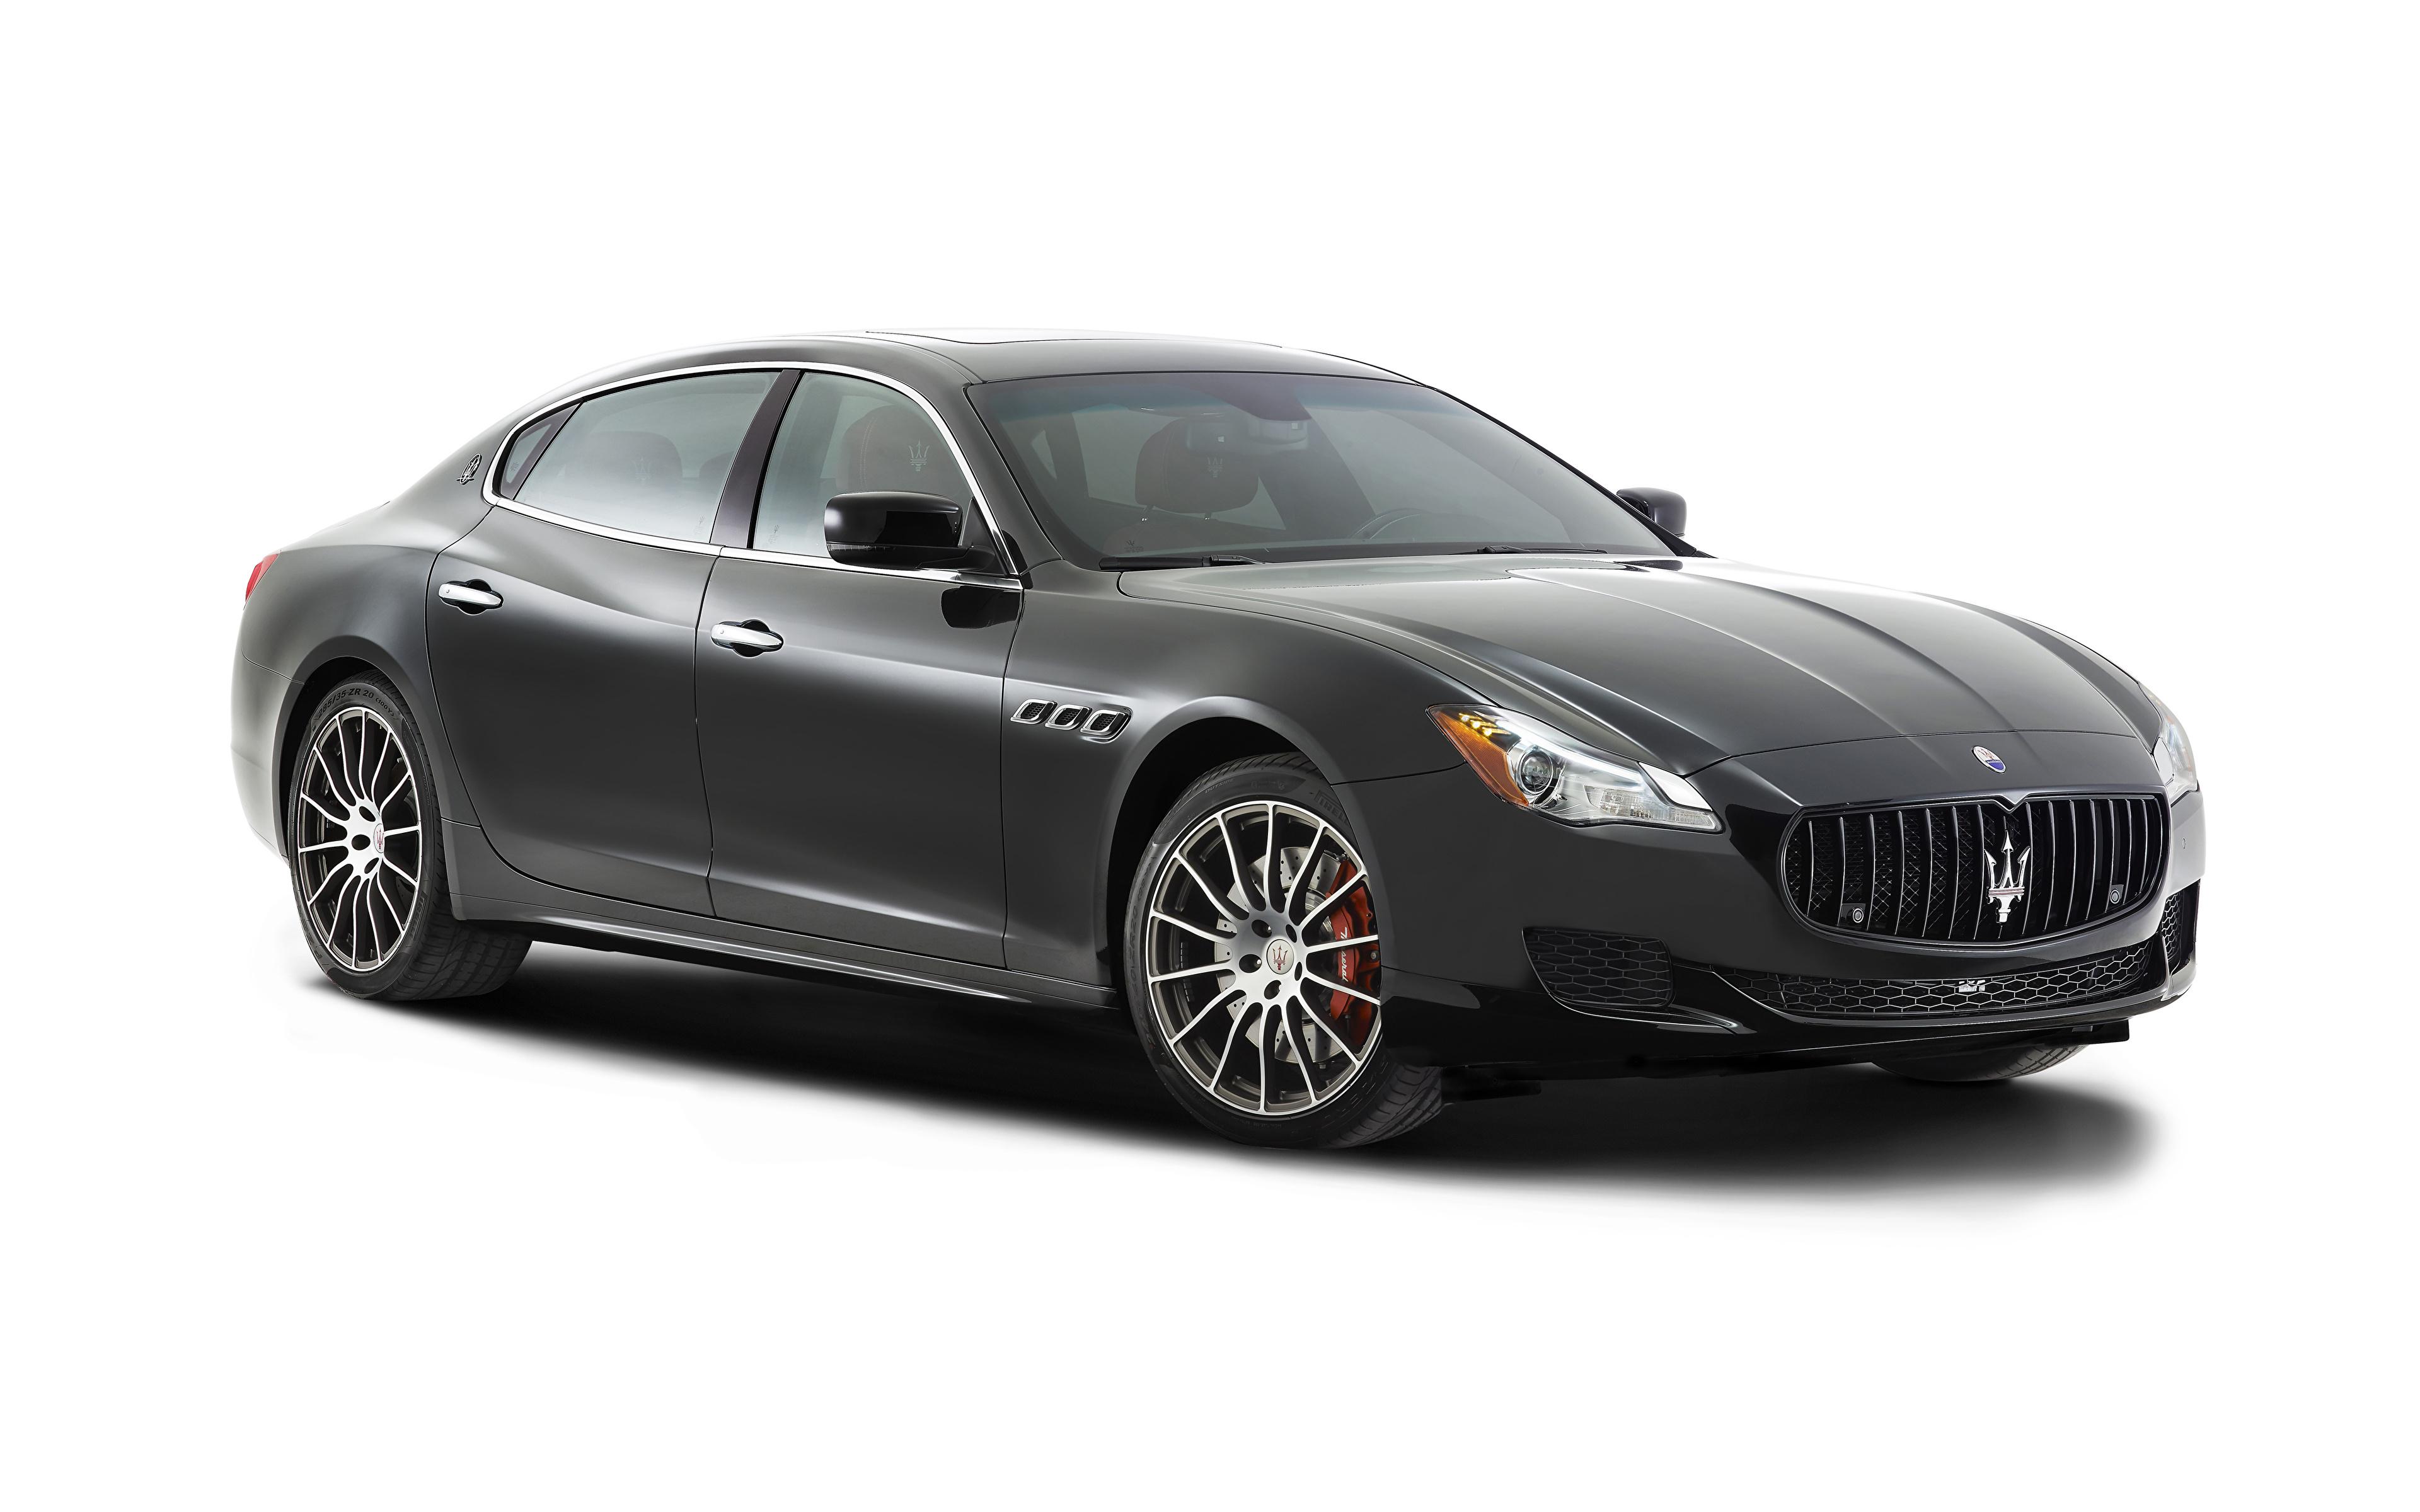 Image Maserati 2014 Quattroporte Gts Black Automobile 3840x2400